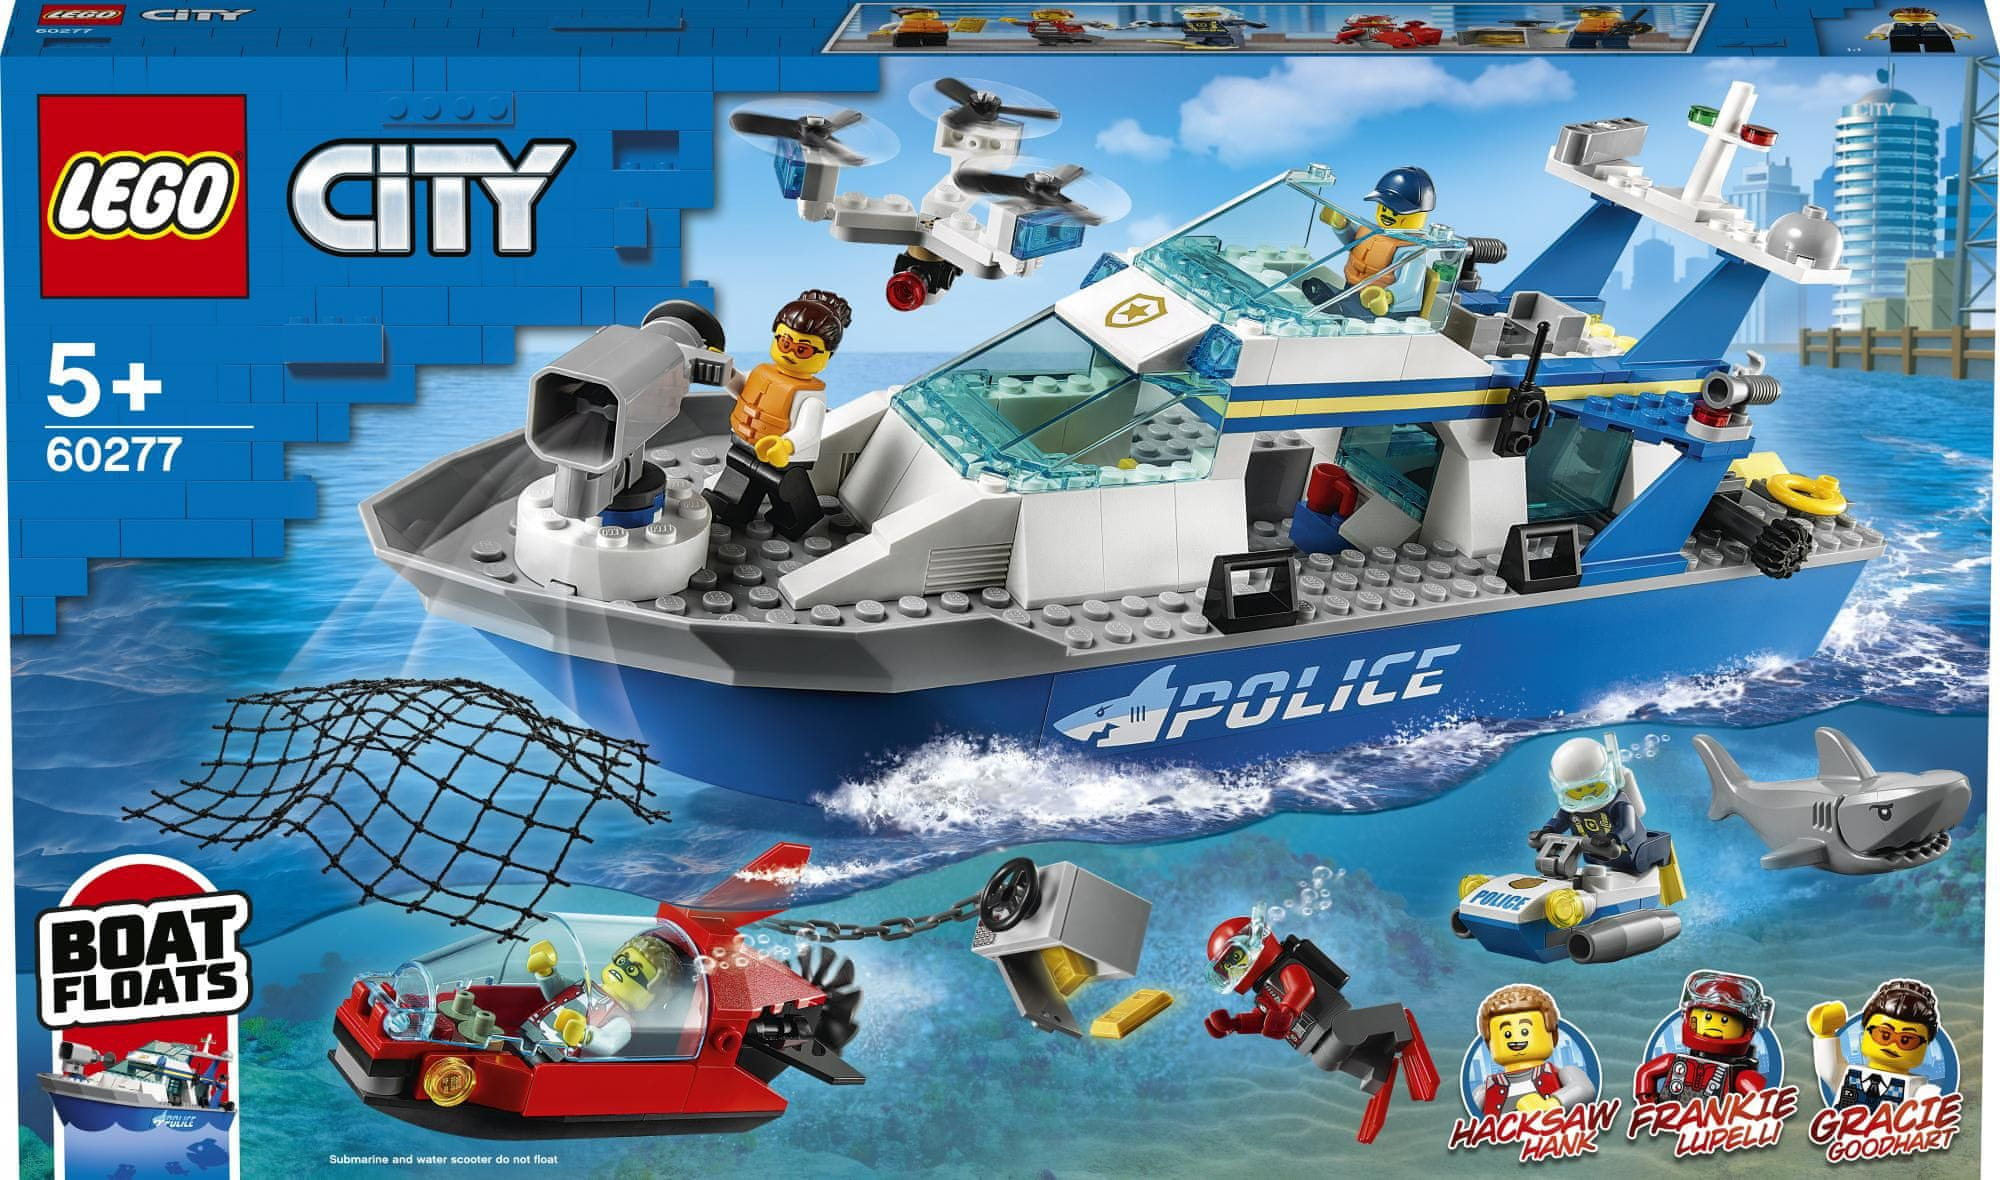 LEGO City Police 60277 Policejní hlídková loď